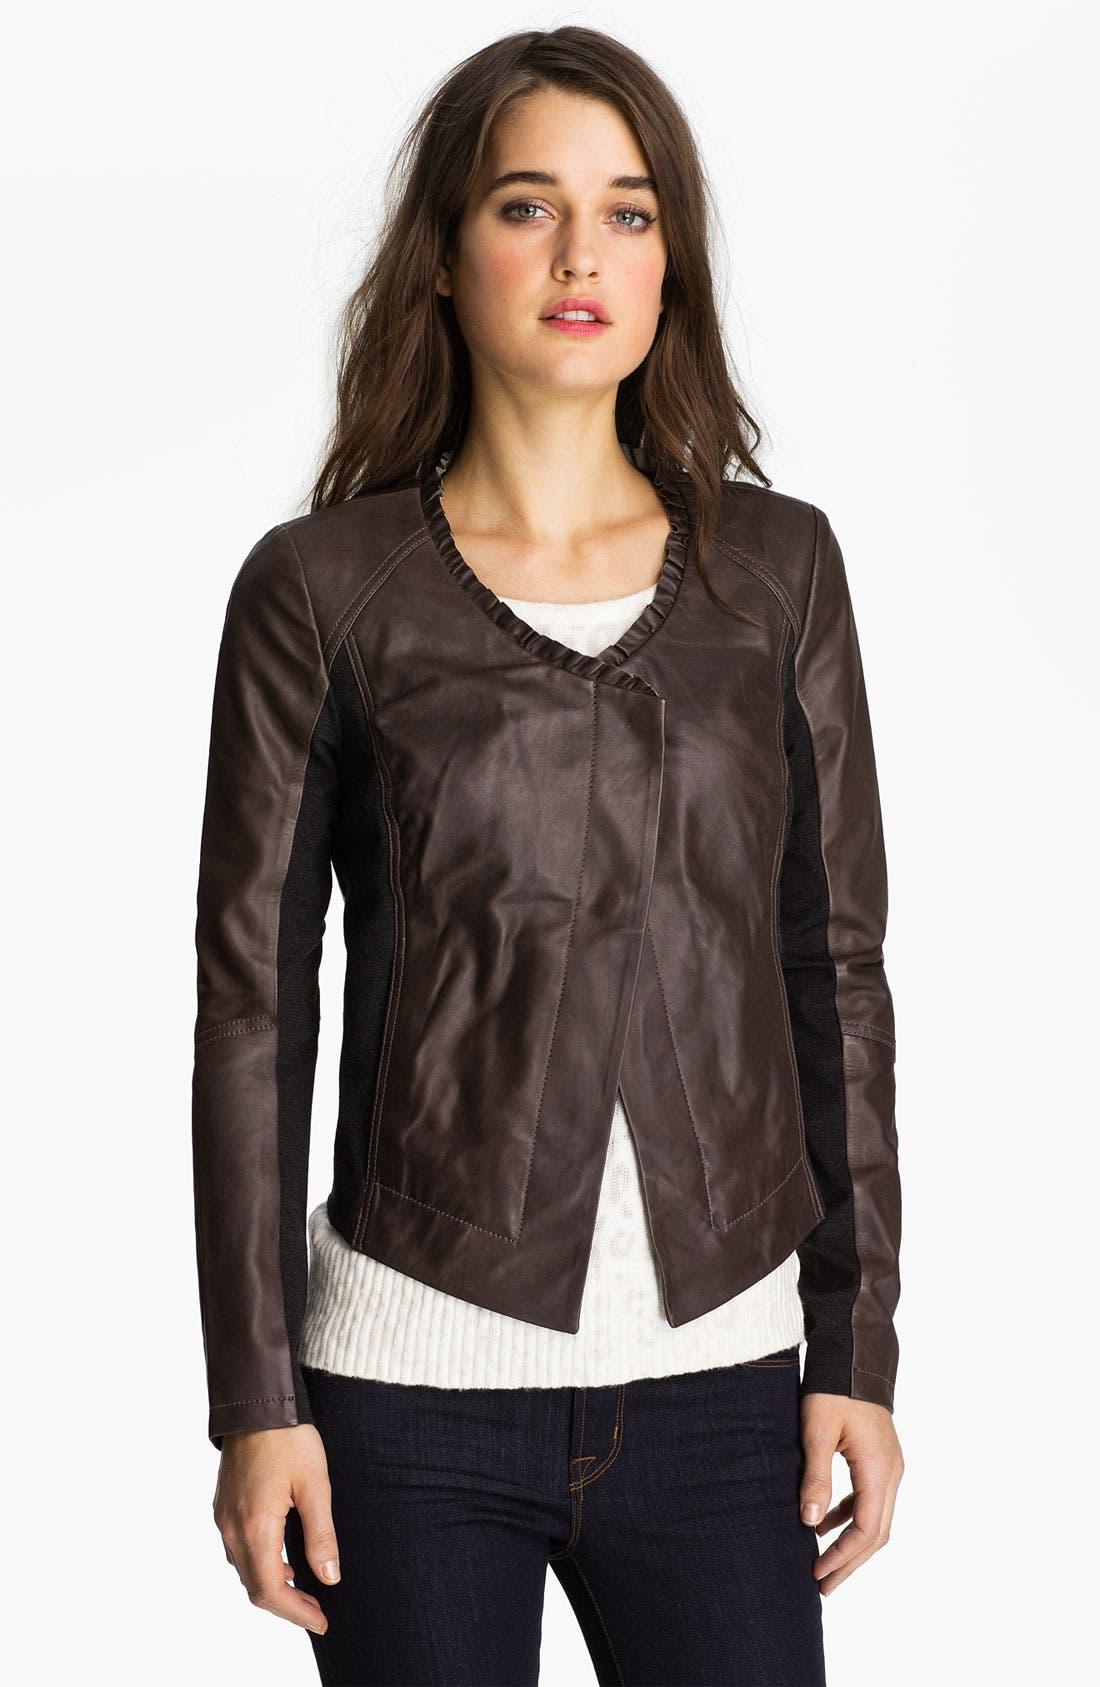 Alternate Image 1 Selected - Hinge® Ruffle Neck Leather Jacket